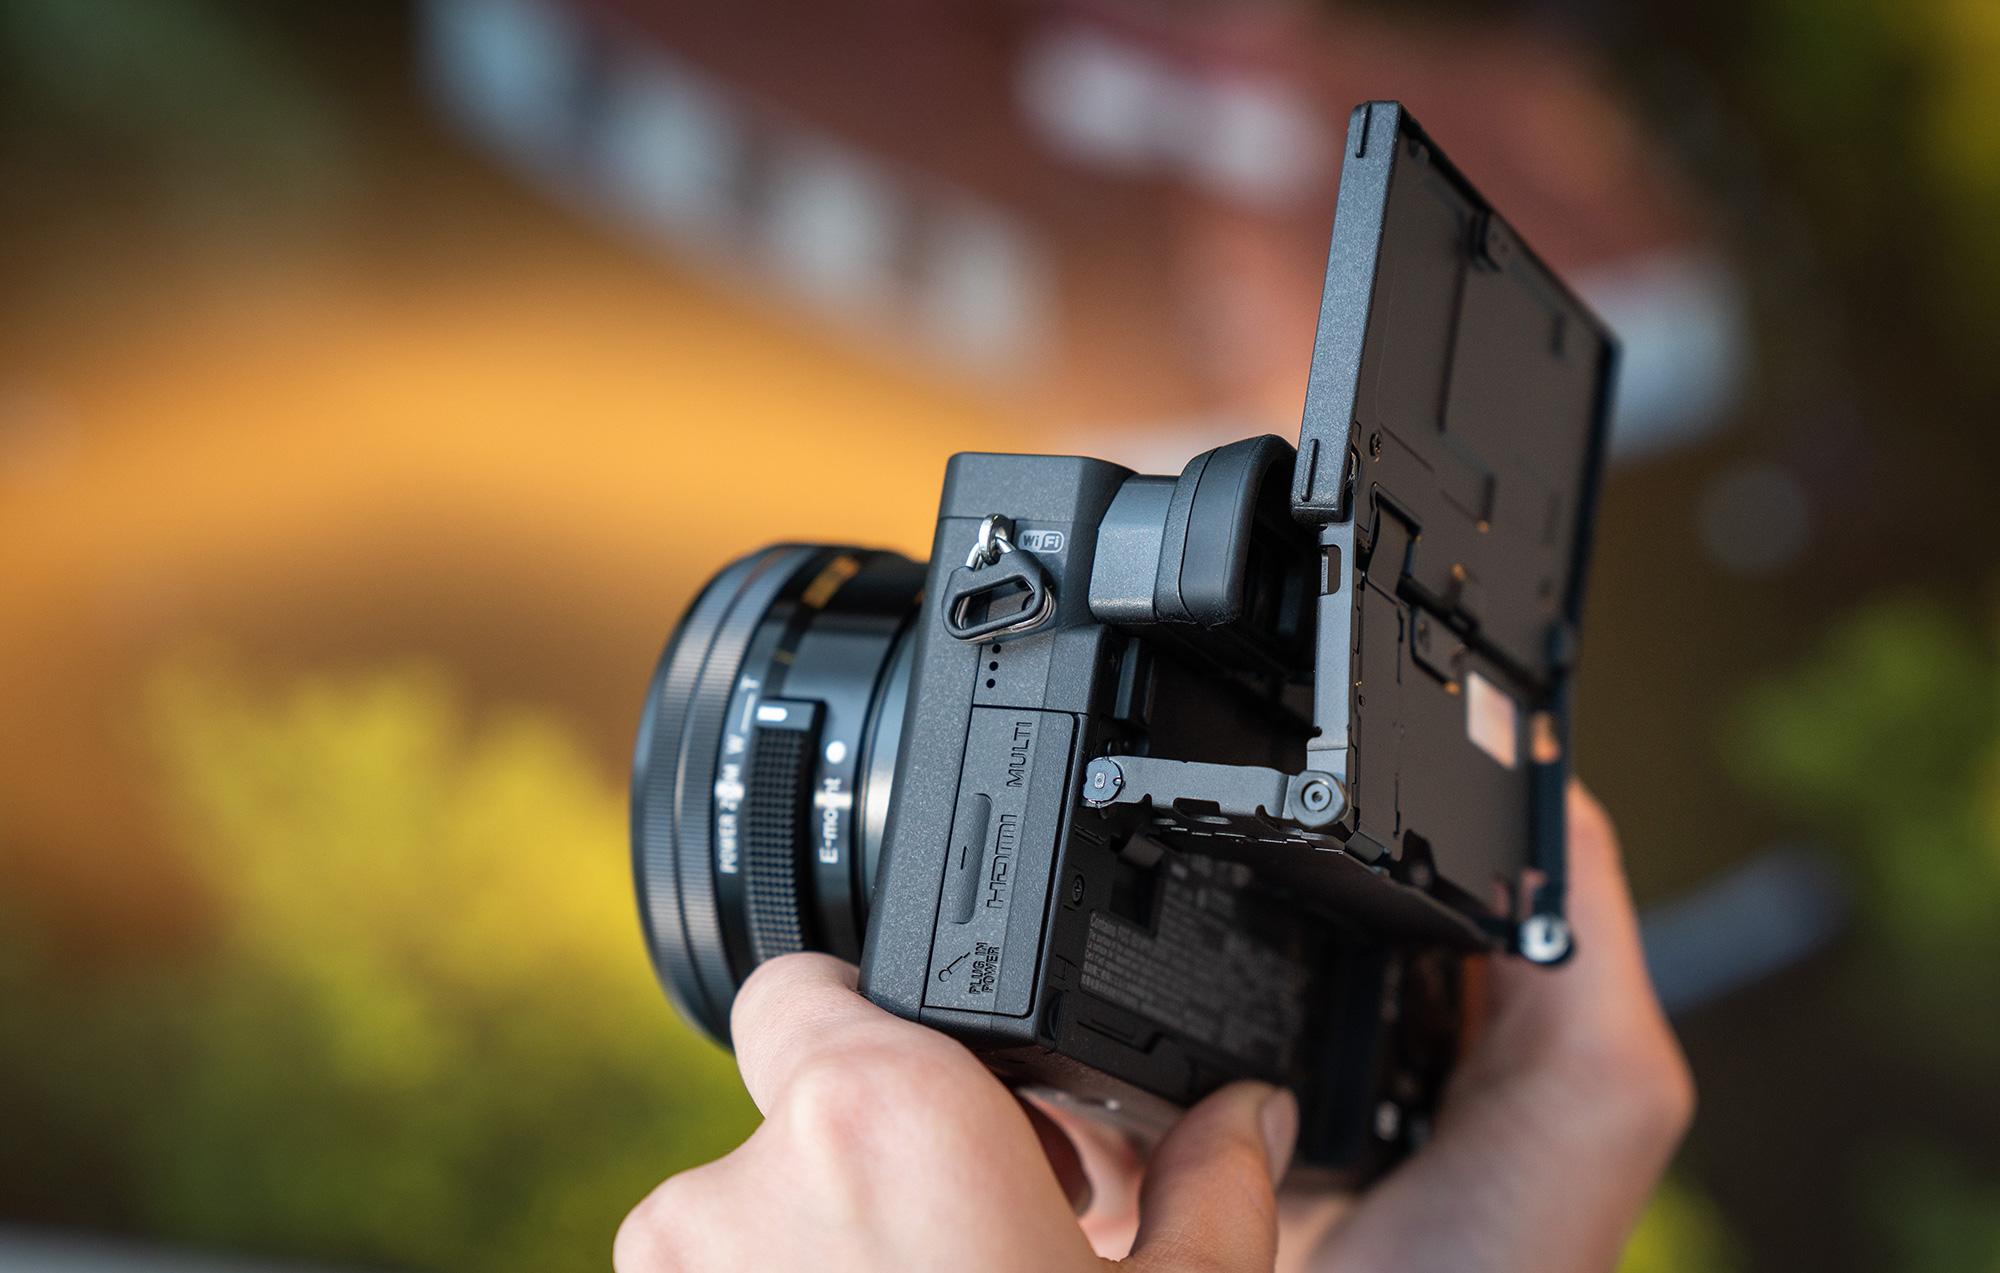 Sony a6400 tarkvara uuendus lisab kaamerale loomade silmatuvastuse